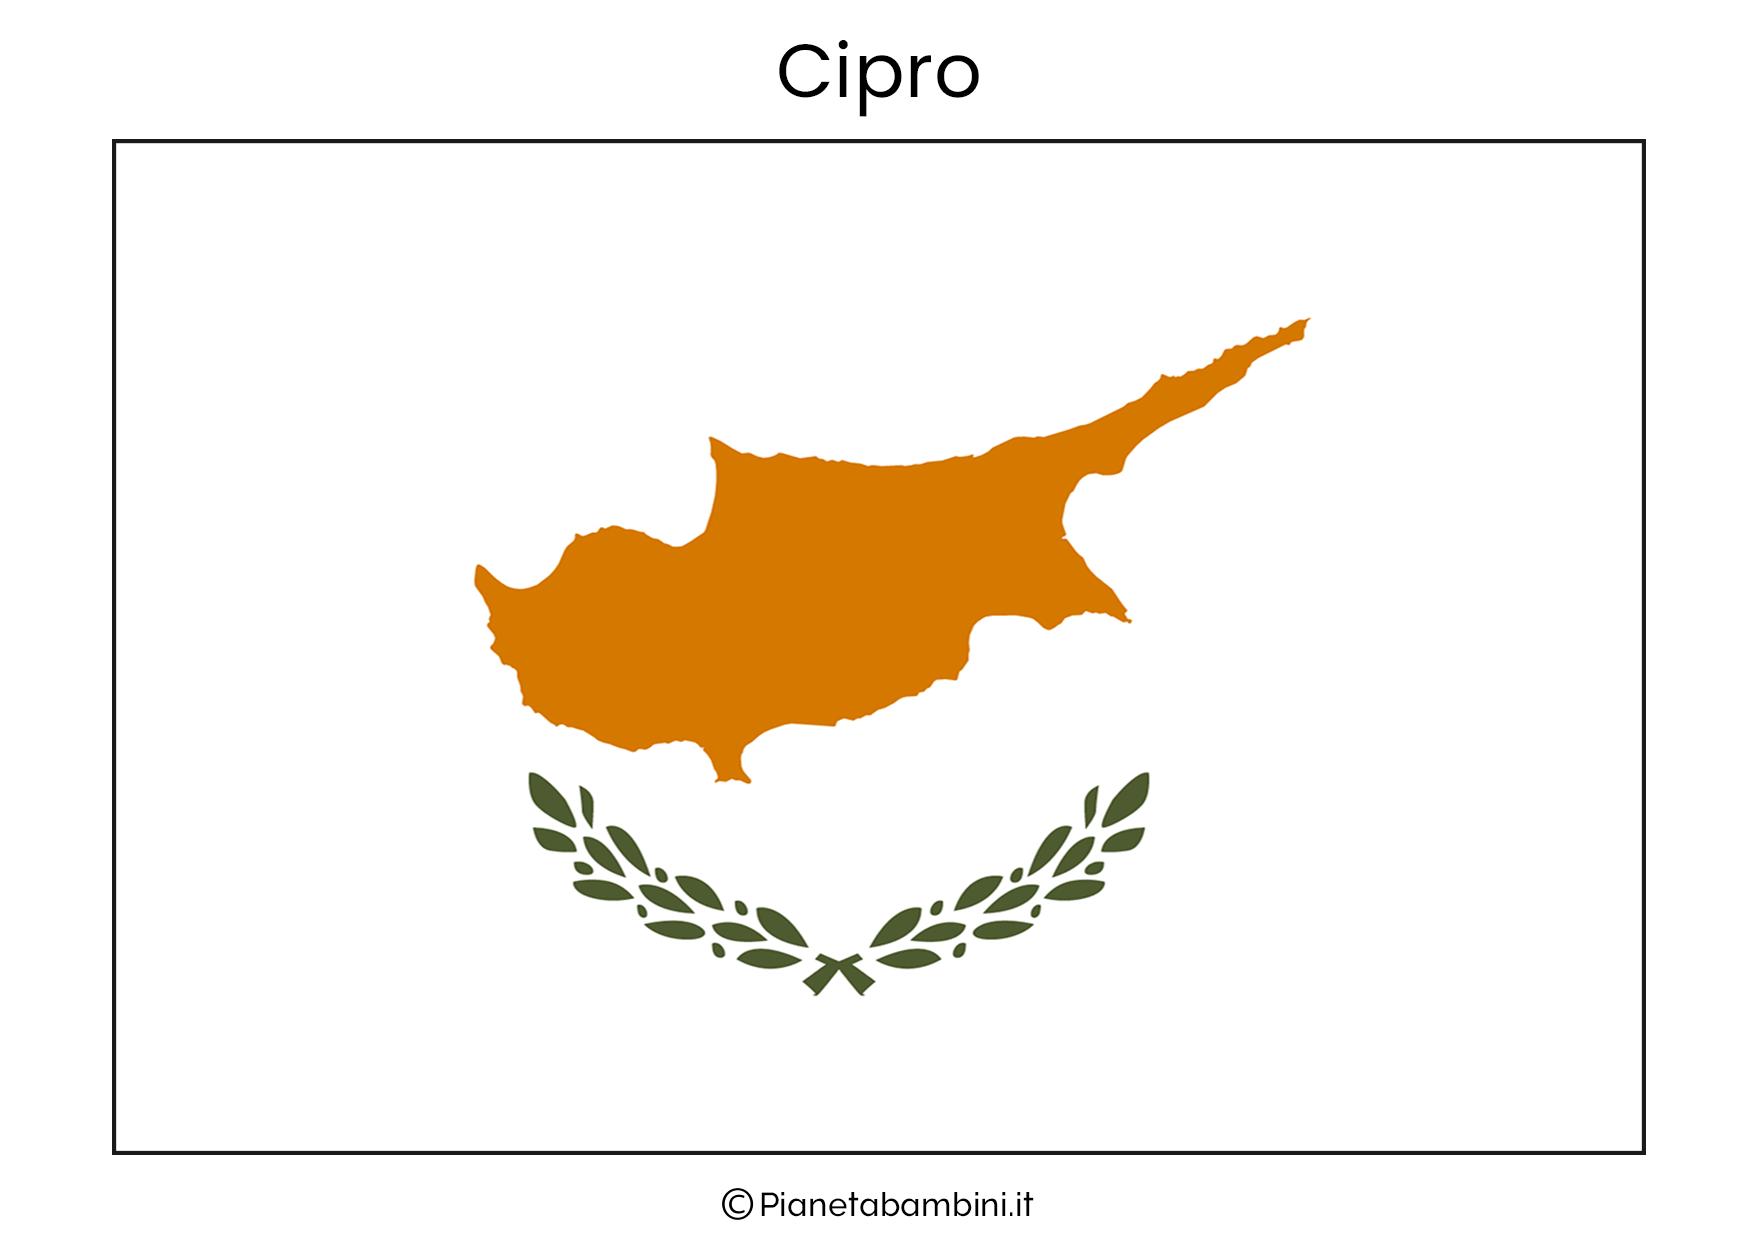 Bandiera di Cipro da stampare